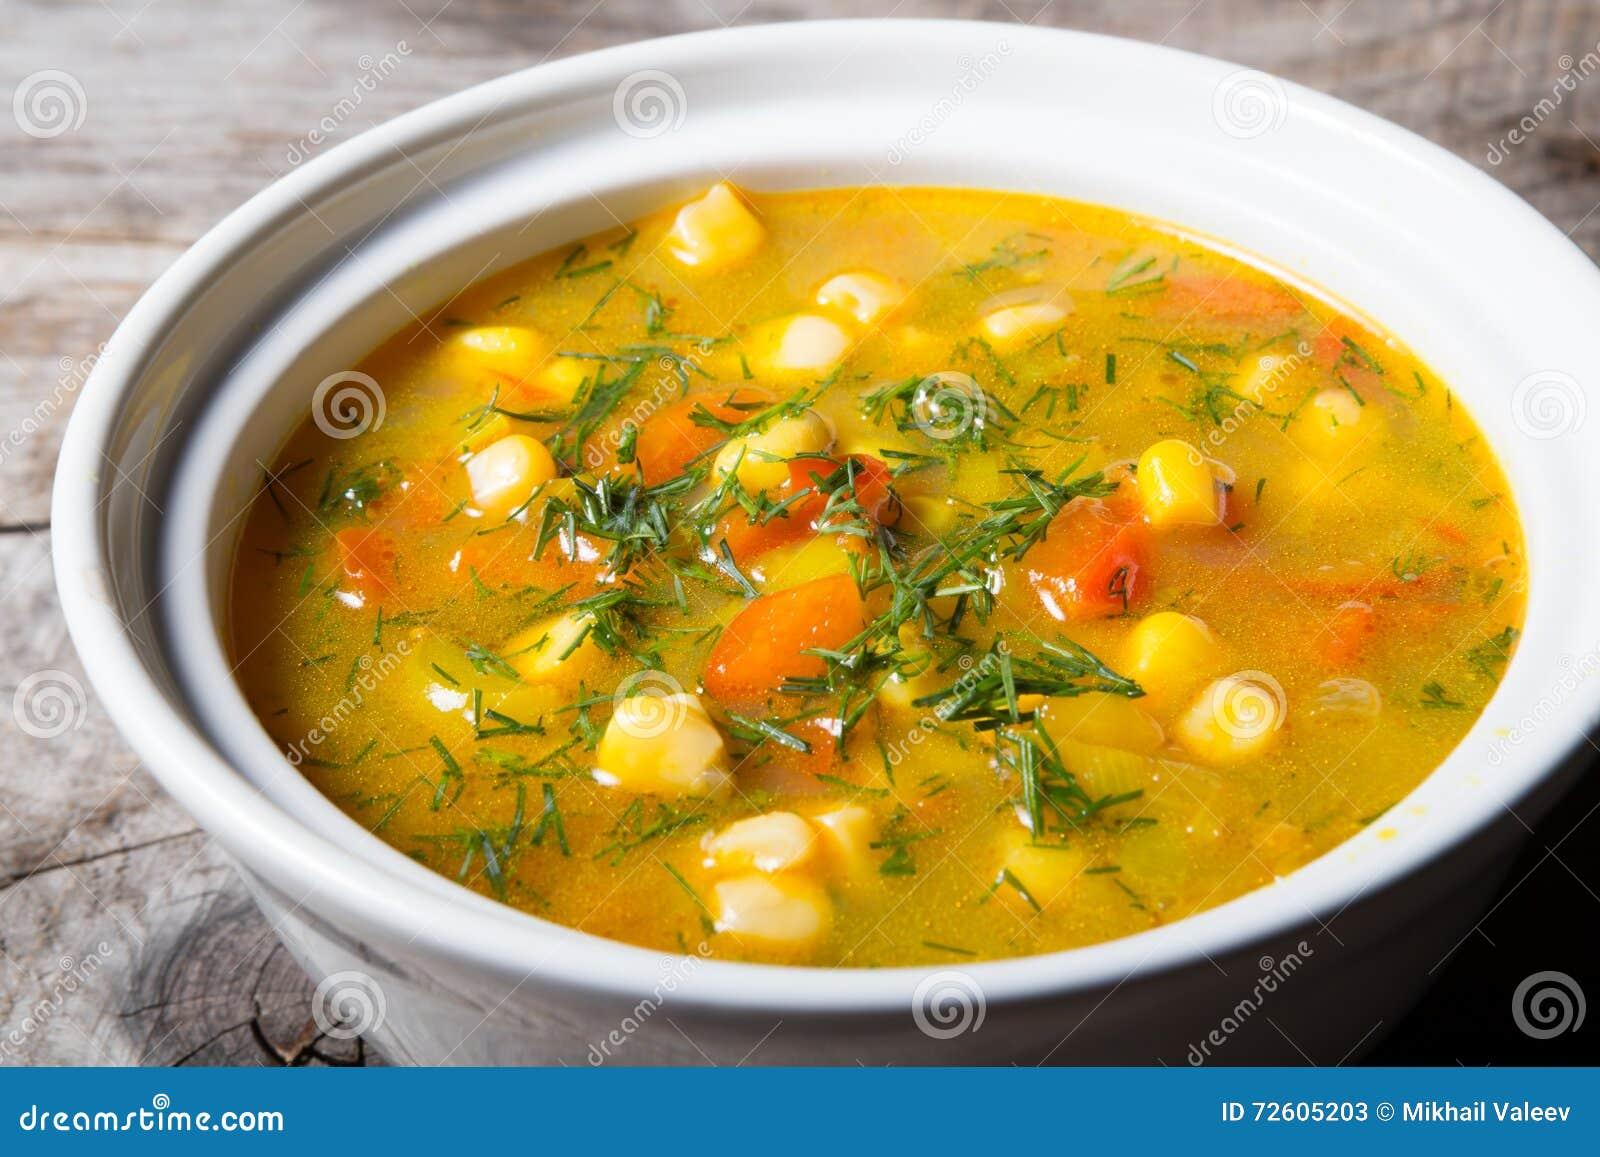 Yellow corn soup